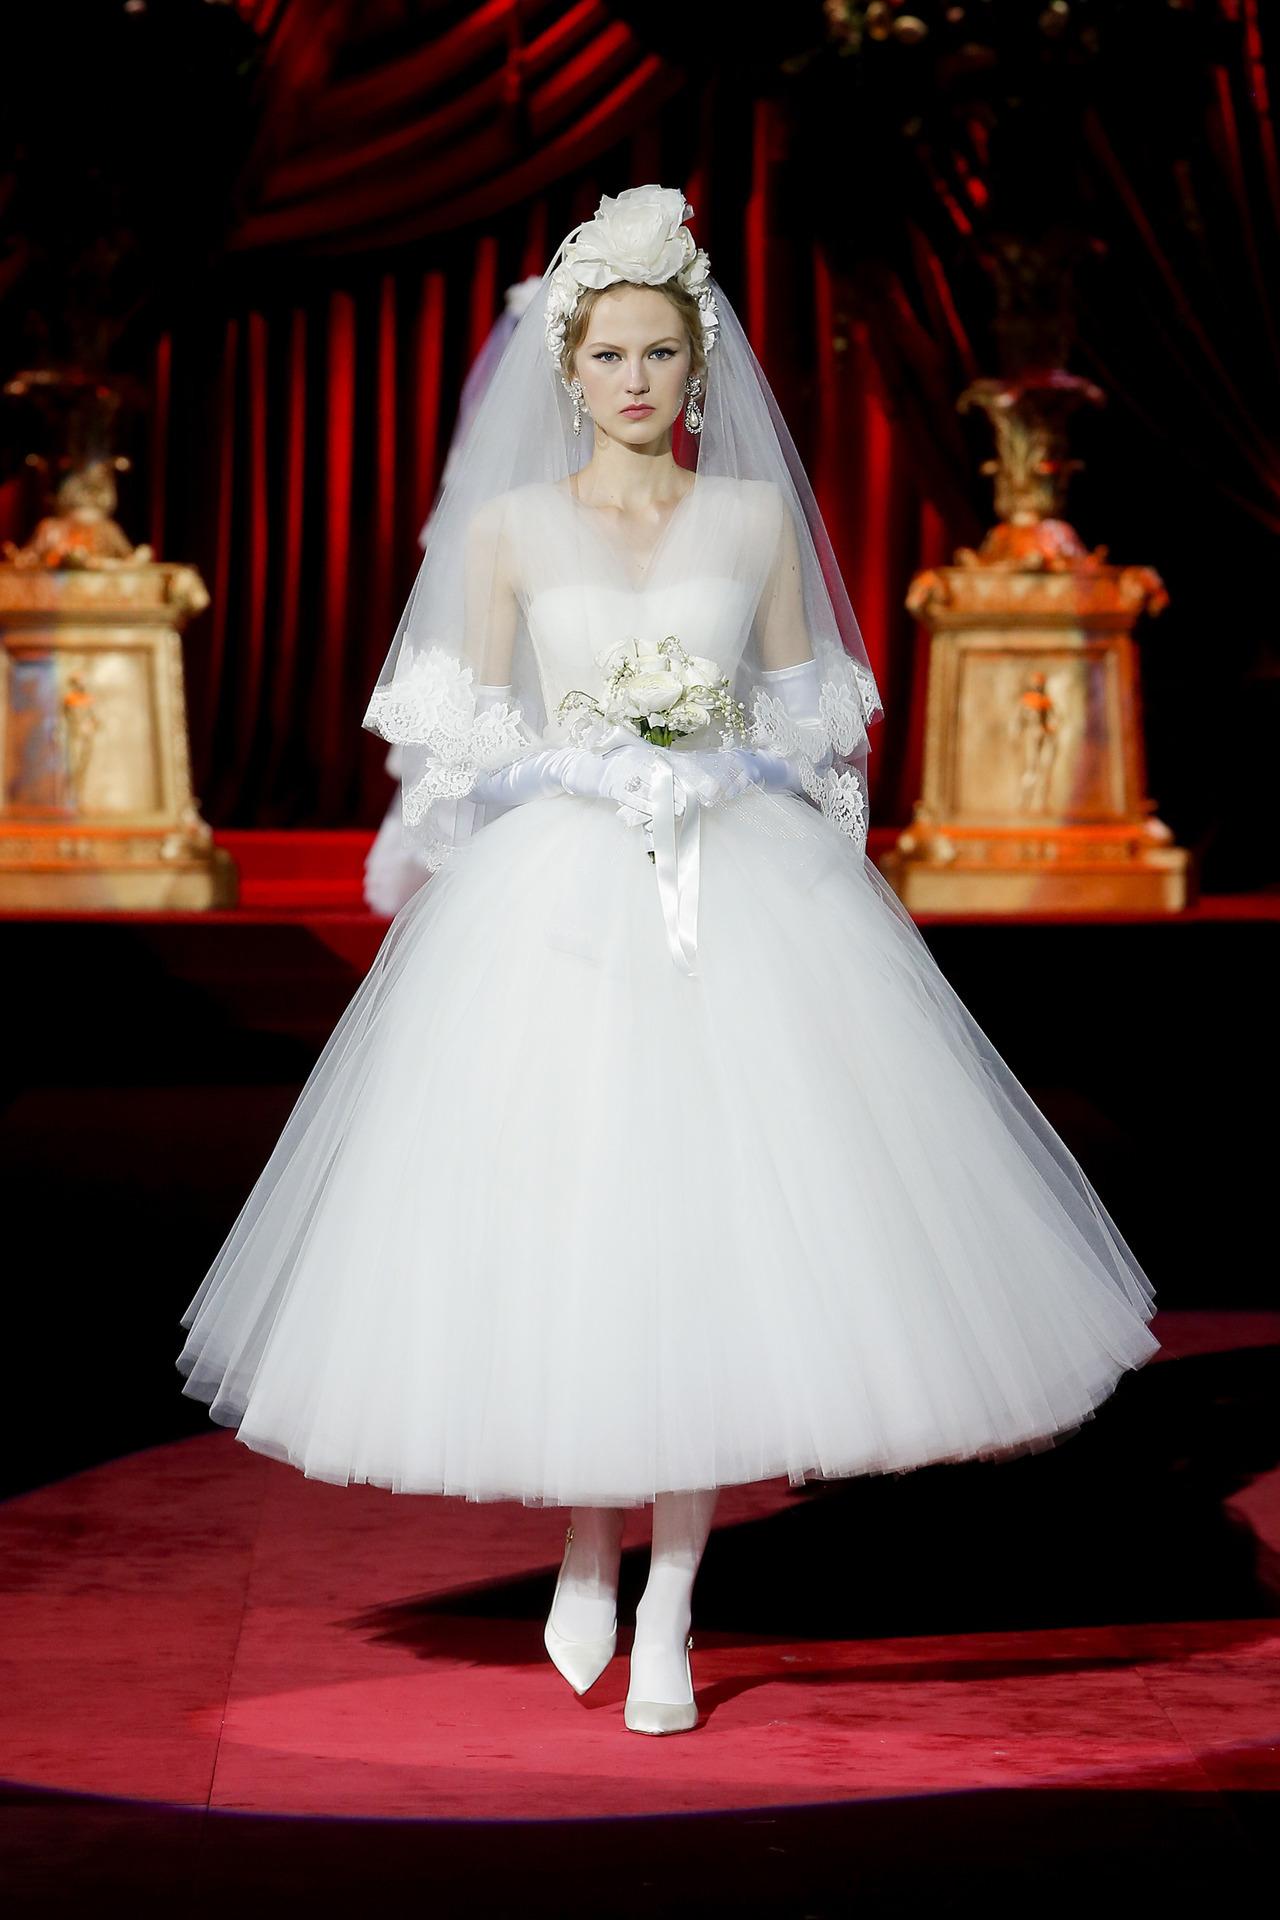 Dolce & Gabbana | RTW Fall/Winter 2019/20 #dolce and gabbana #fall#fw19#2019#2019 wedding#wedding affair#bridal#wedding dress#fashion#bridal dress#dress#RTW#bridal 2019